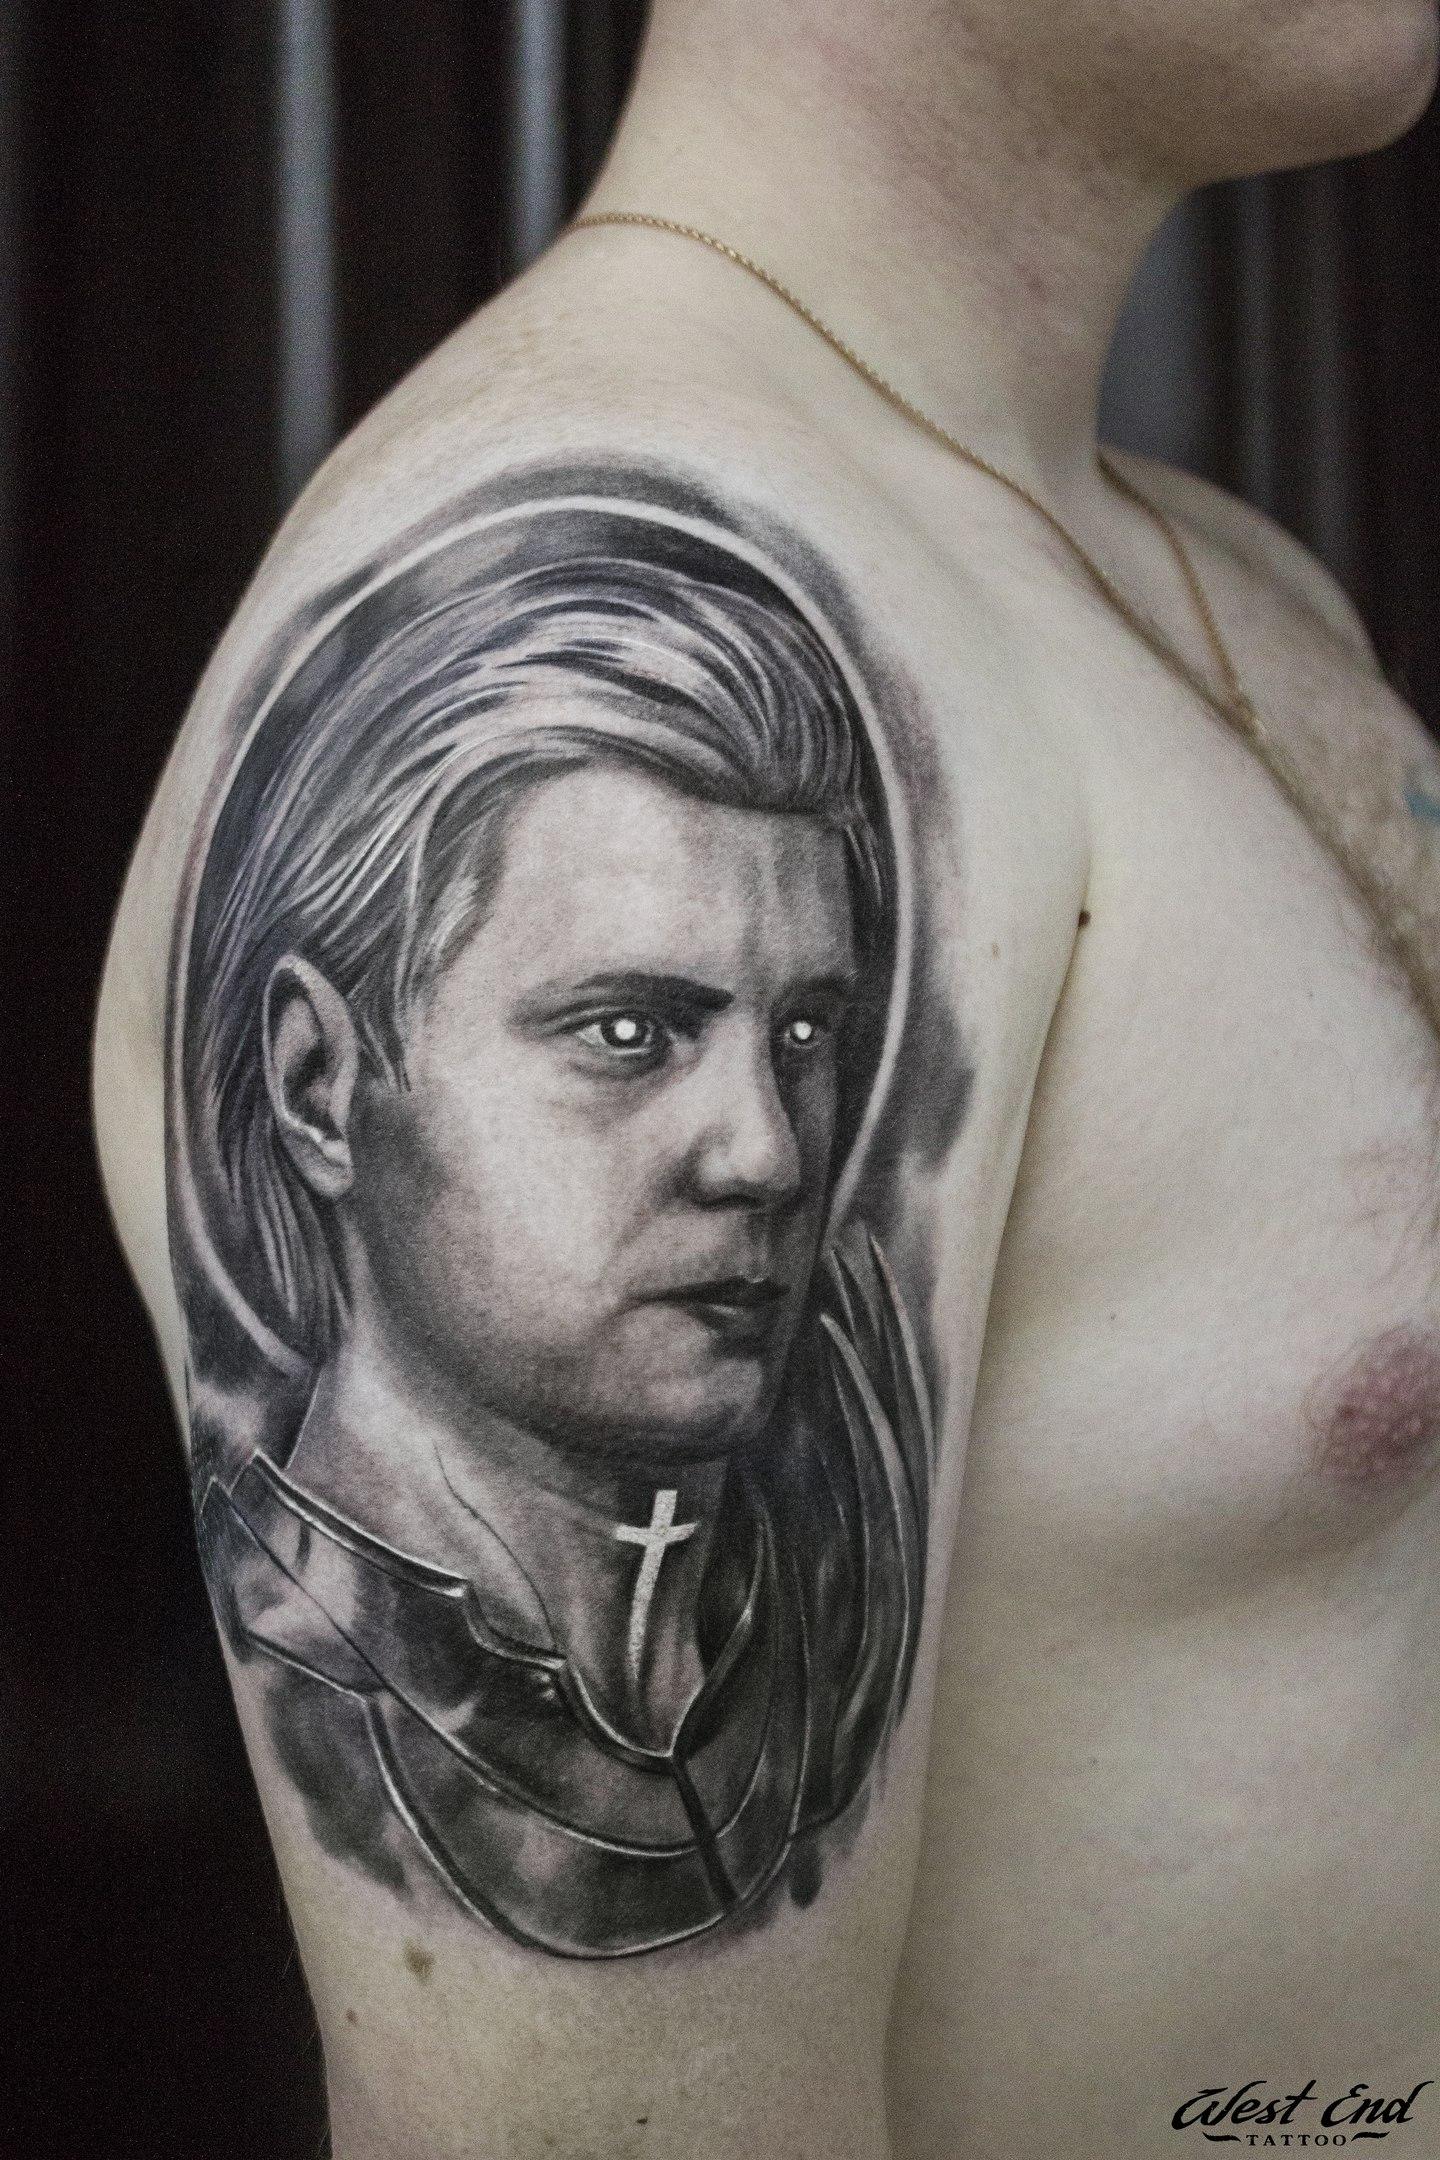 Тату мужской портрет черно белый реализм